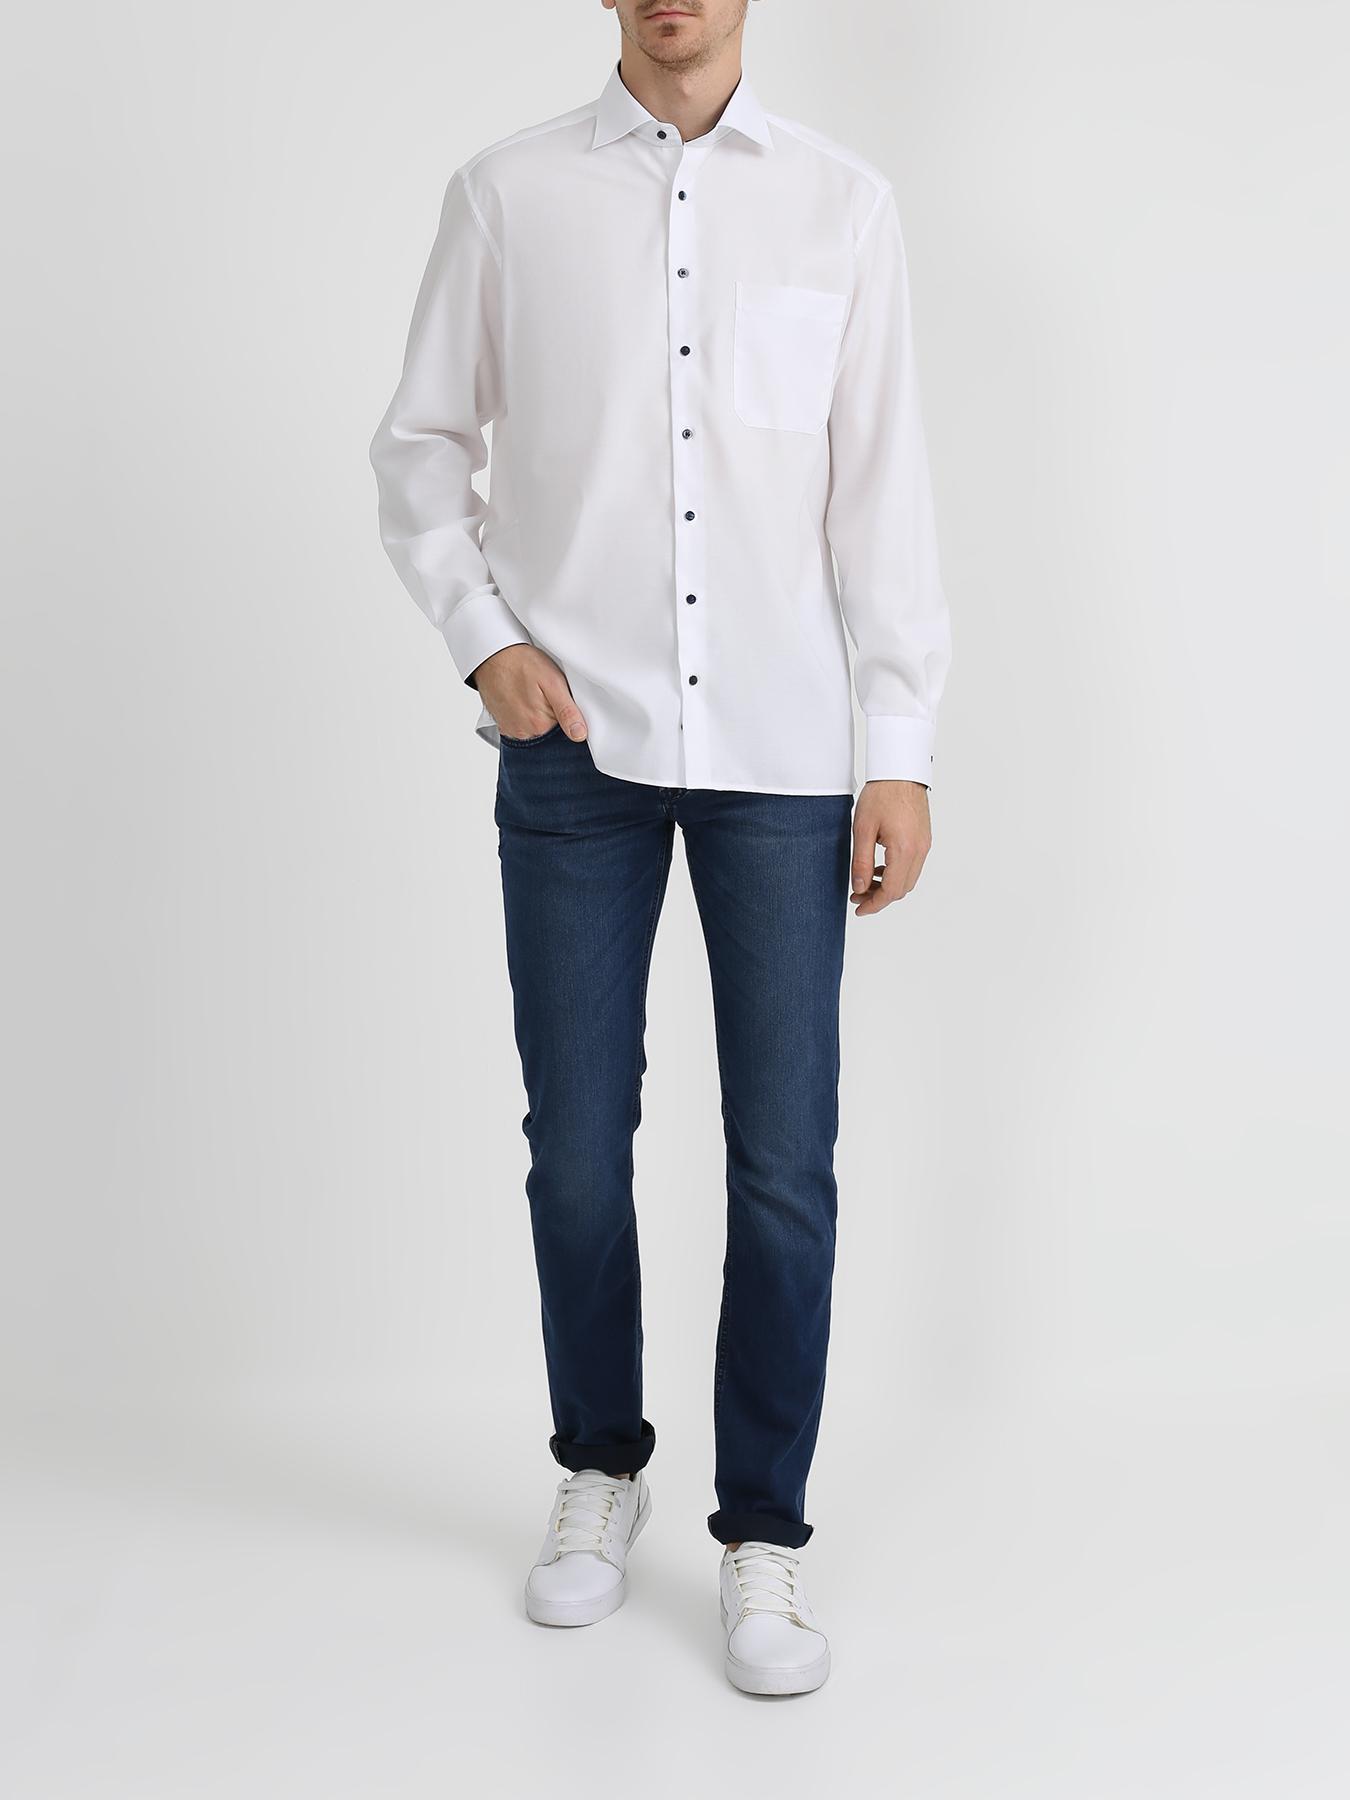 Фото - Рубашка Eterna Рубашка с нагрудным карманом рубашка lime рубашка с карманом